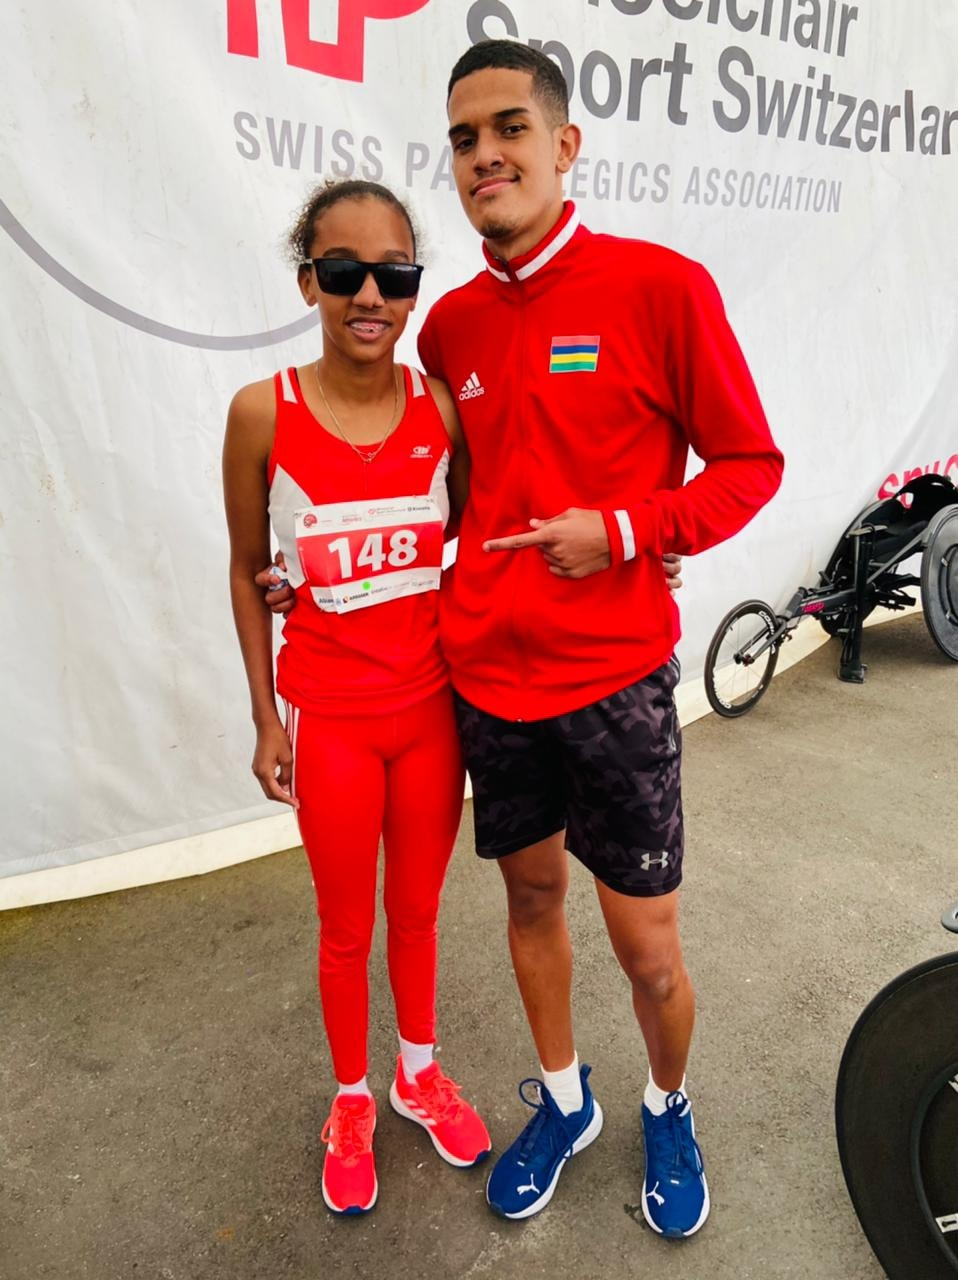 Anndora Julie Asaun et Loïc Bhugeerathee 2ème dans la final du 100m T11 record de ipc.